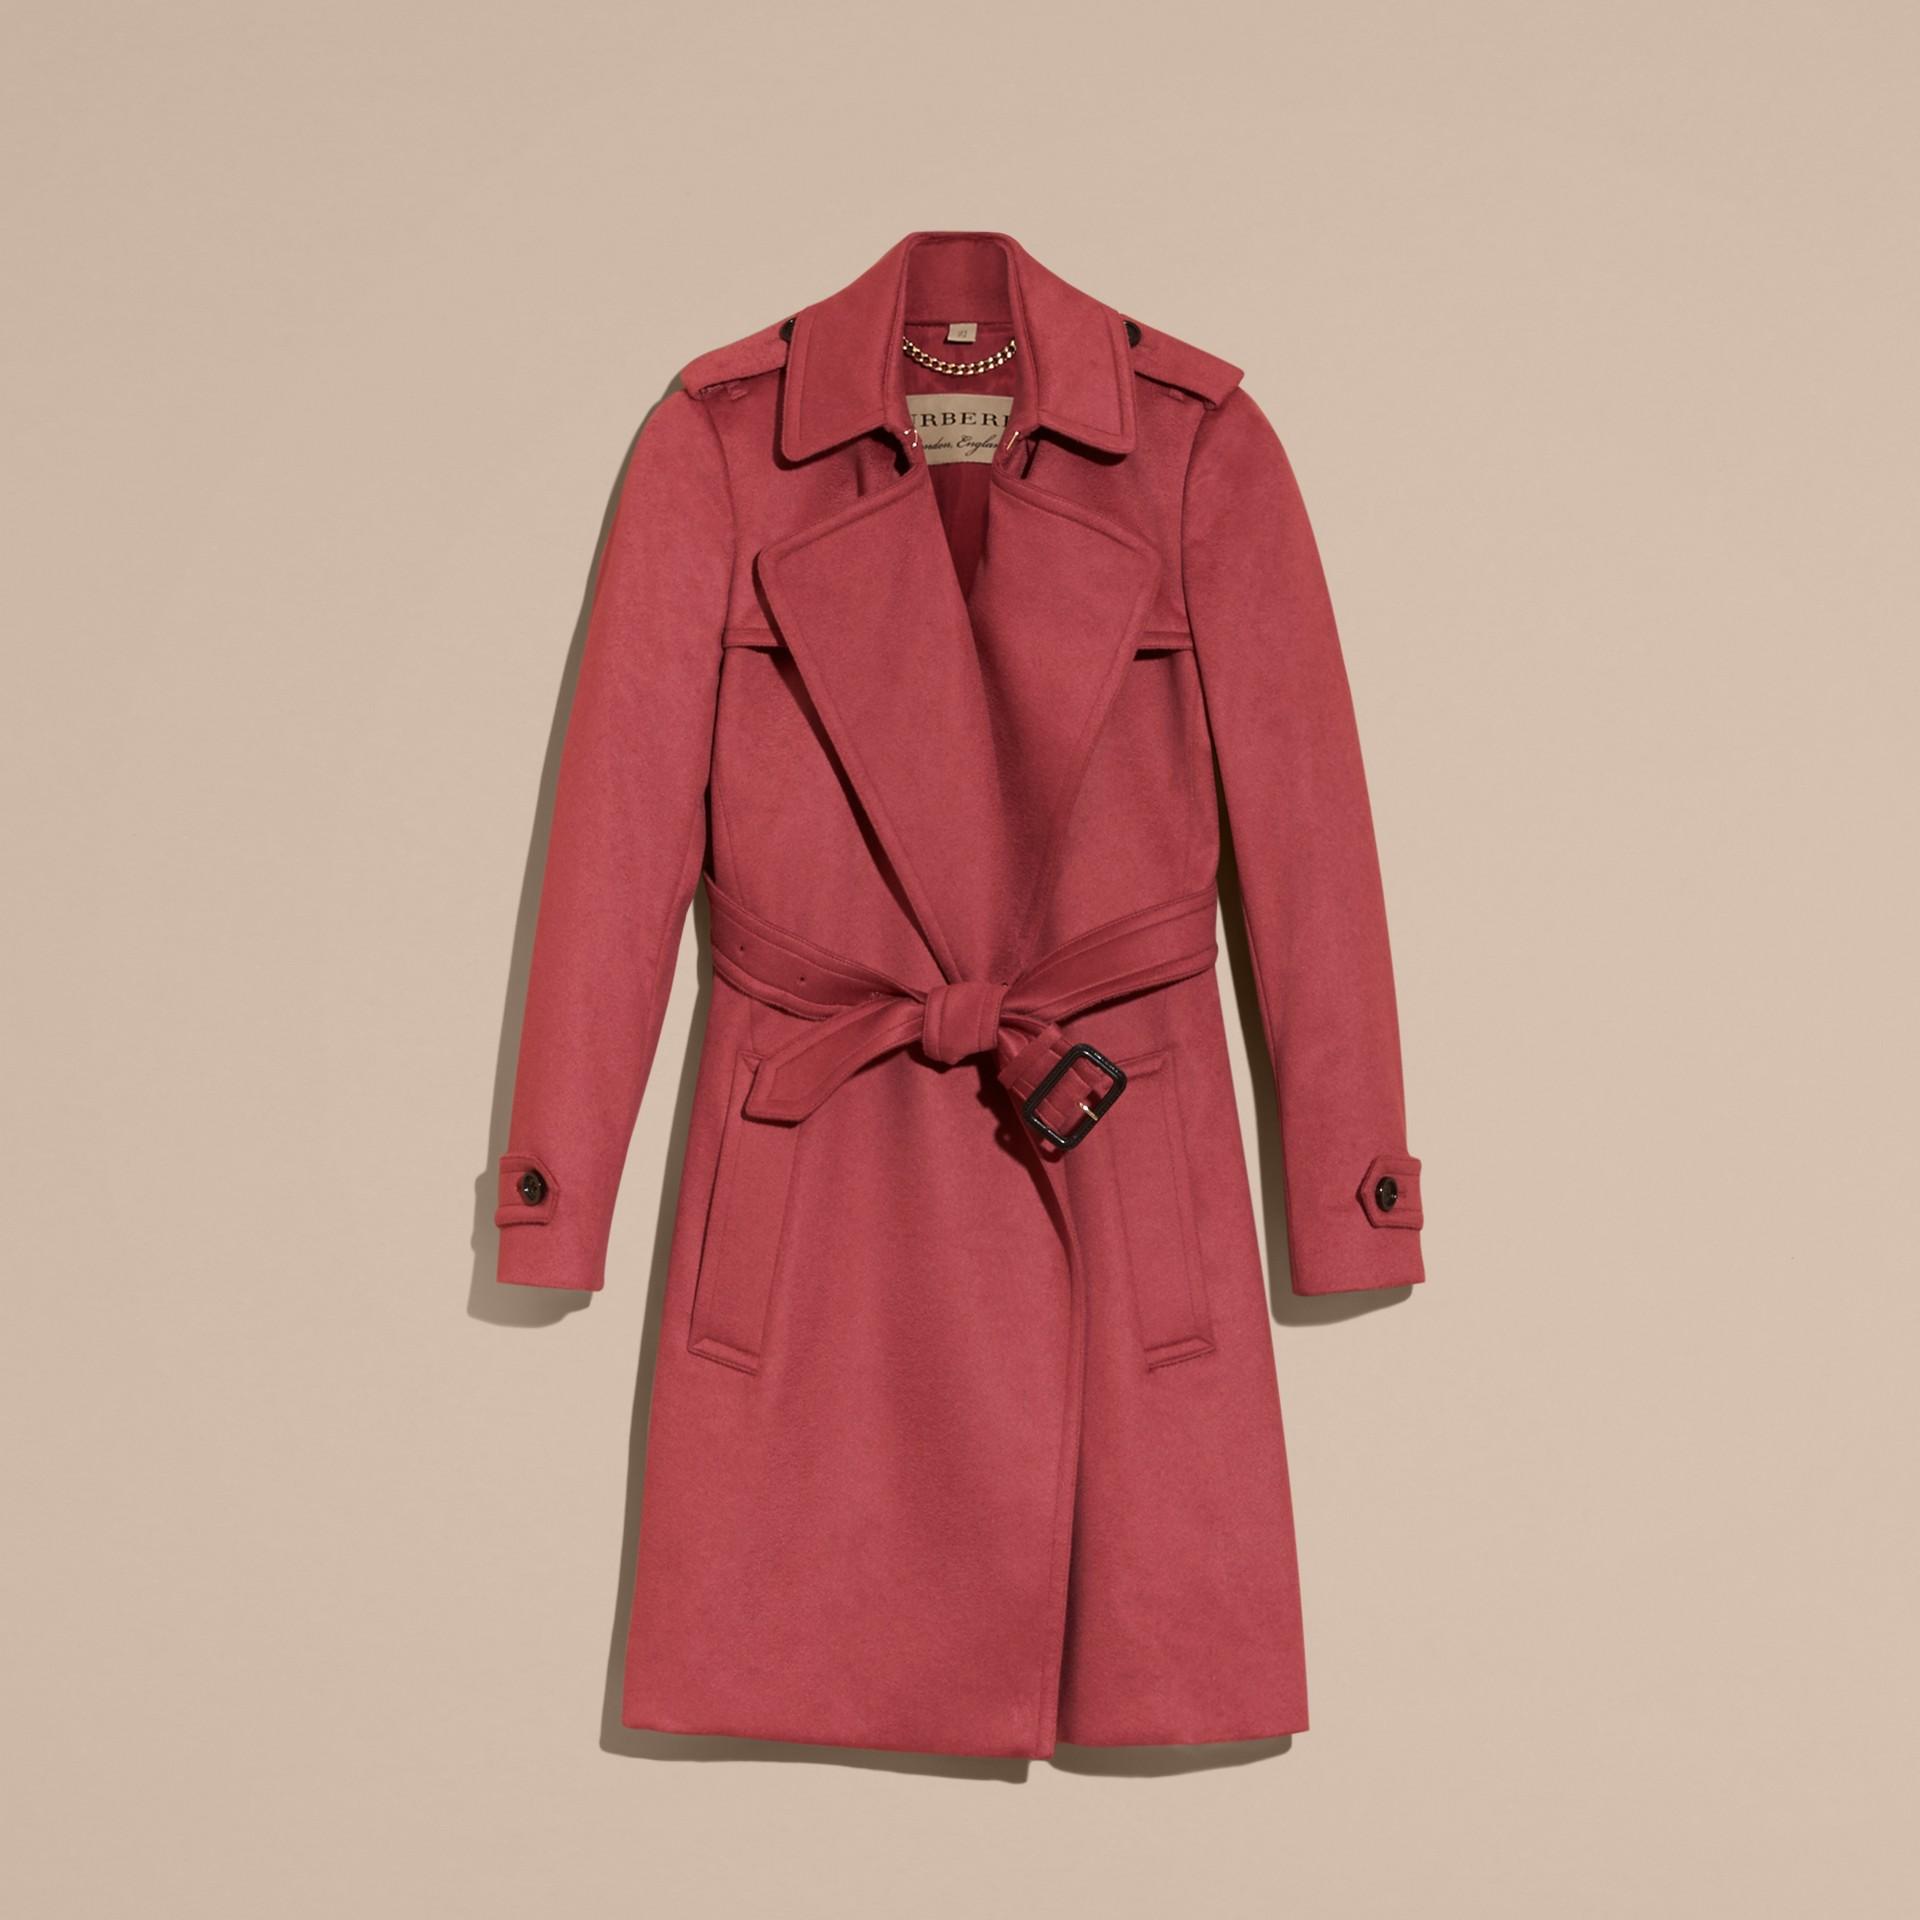 Дымчато-розовый пион Кашемировый тренч с запáхом Дымчато-розовый Пион - изображение 4